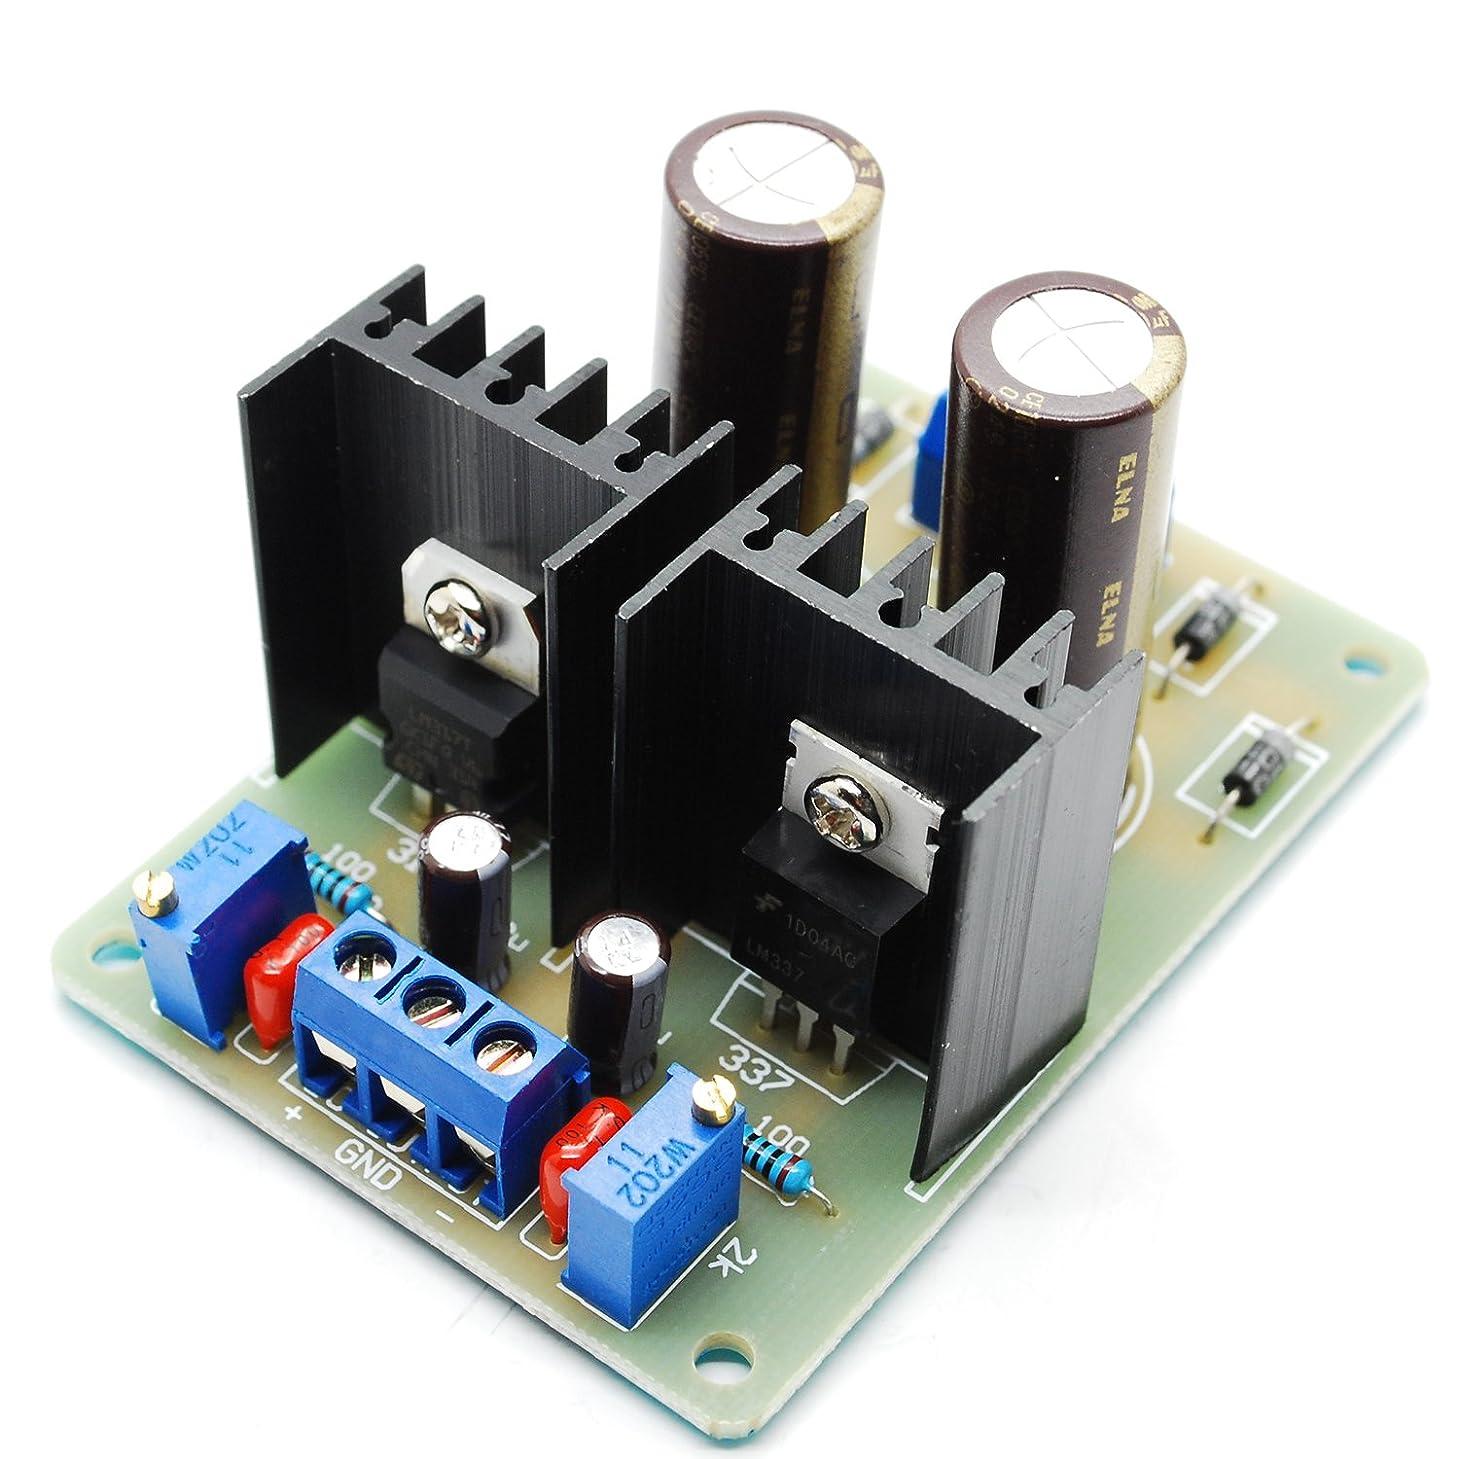 最初はクリスチャン損なうNewone LM317 LM337 正負電源モジュール調整モジュール 入力1.5V-18 VAC 出力2V-25 VDC調節可能